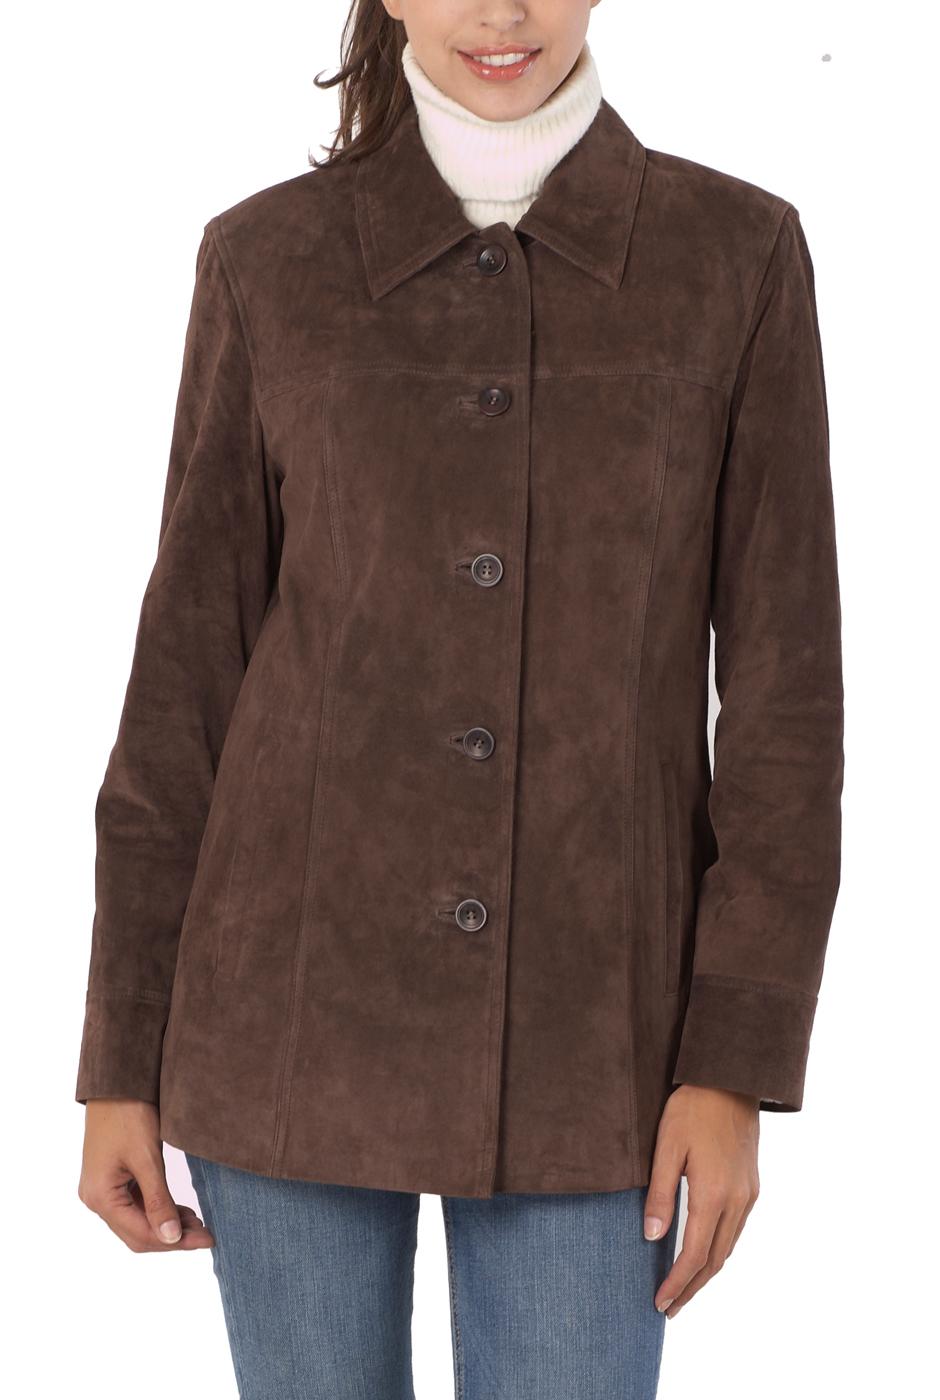 The model in car coat